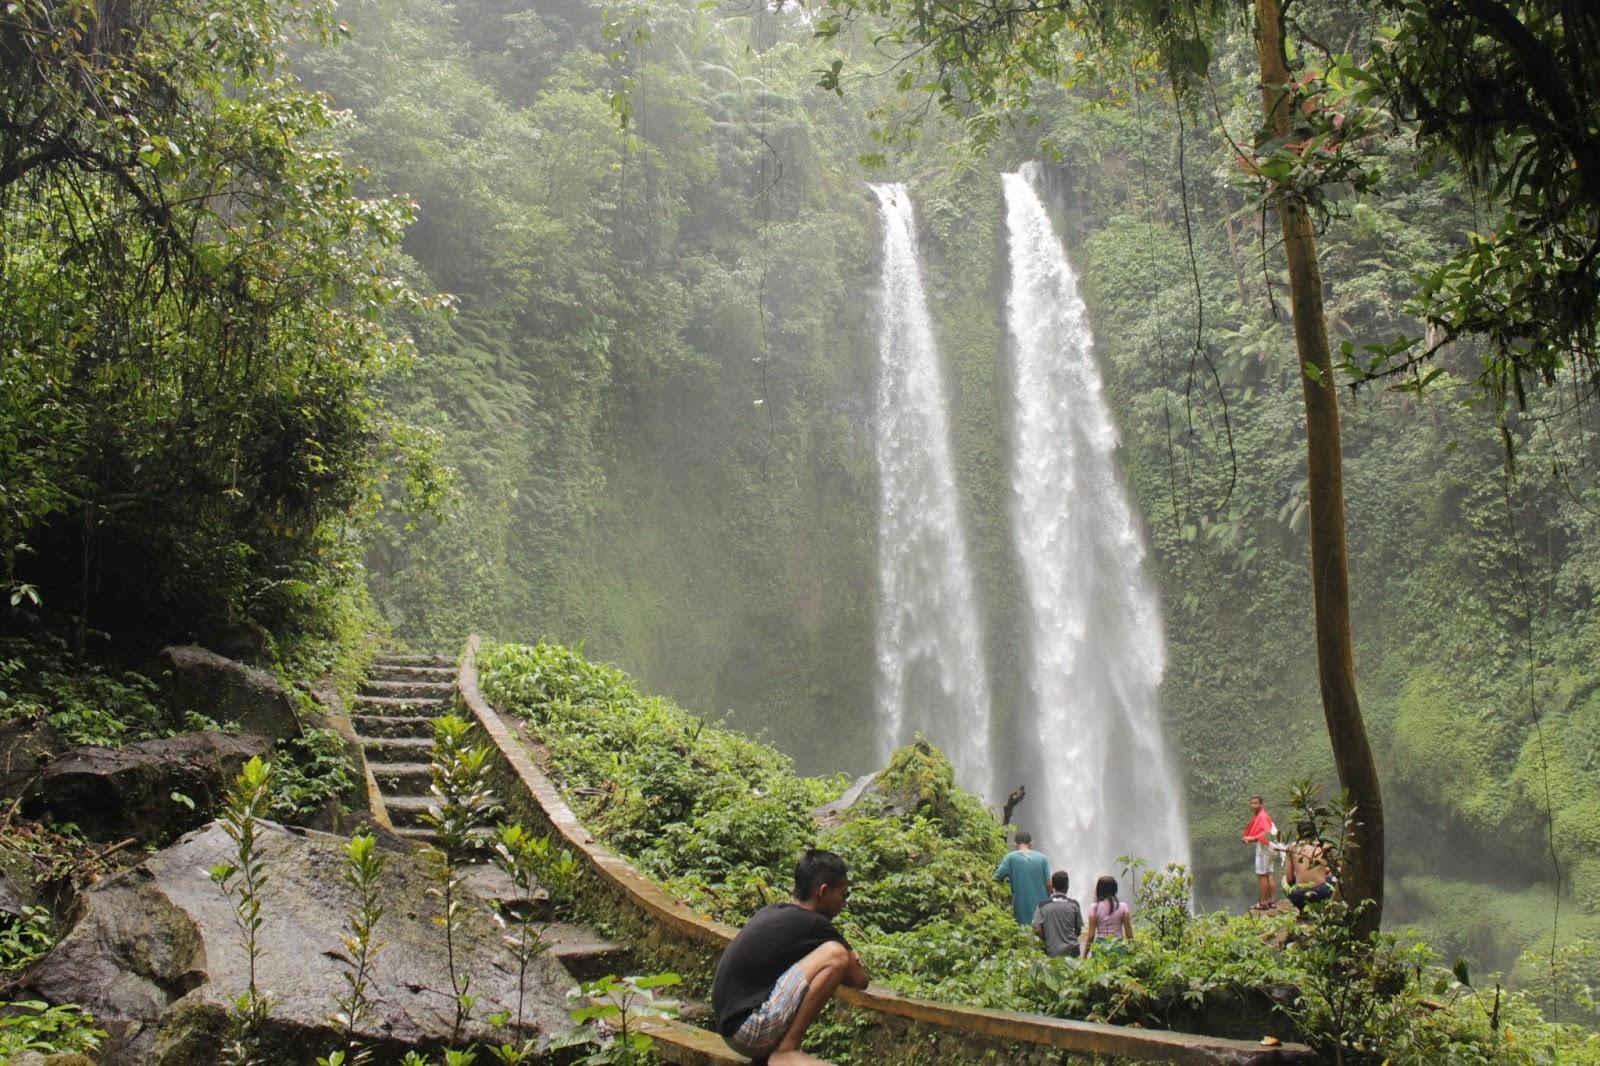 Hasil gambar untuk air terjun tiu teja santong lombok utara